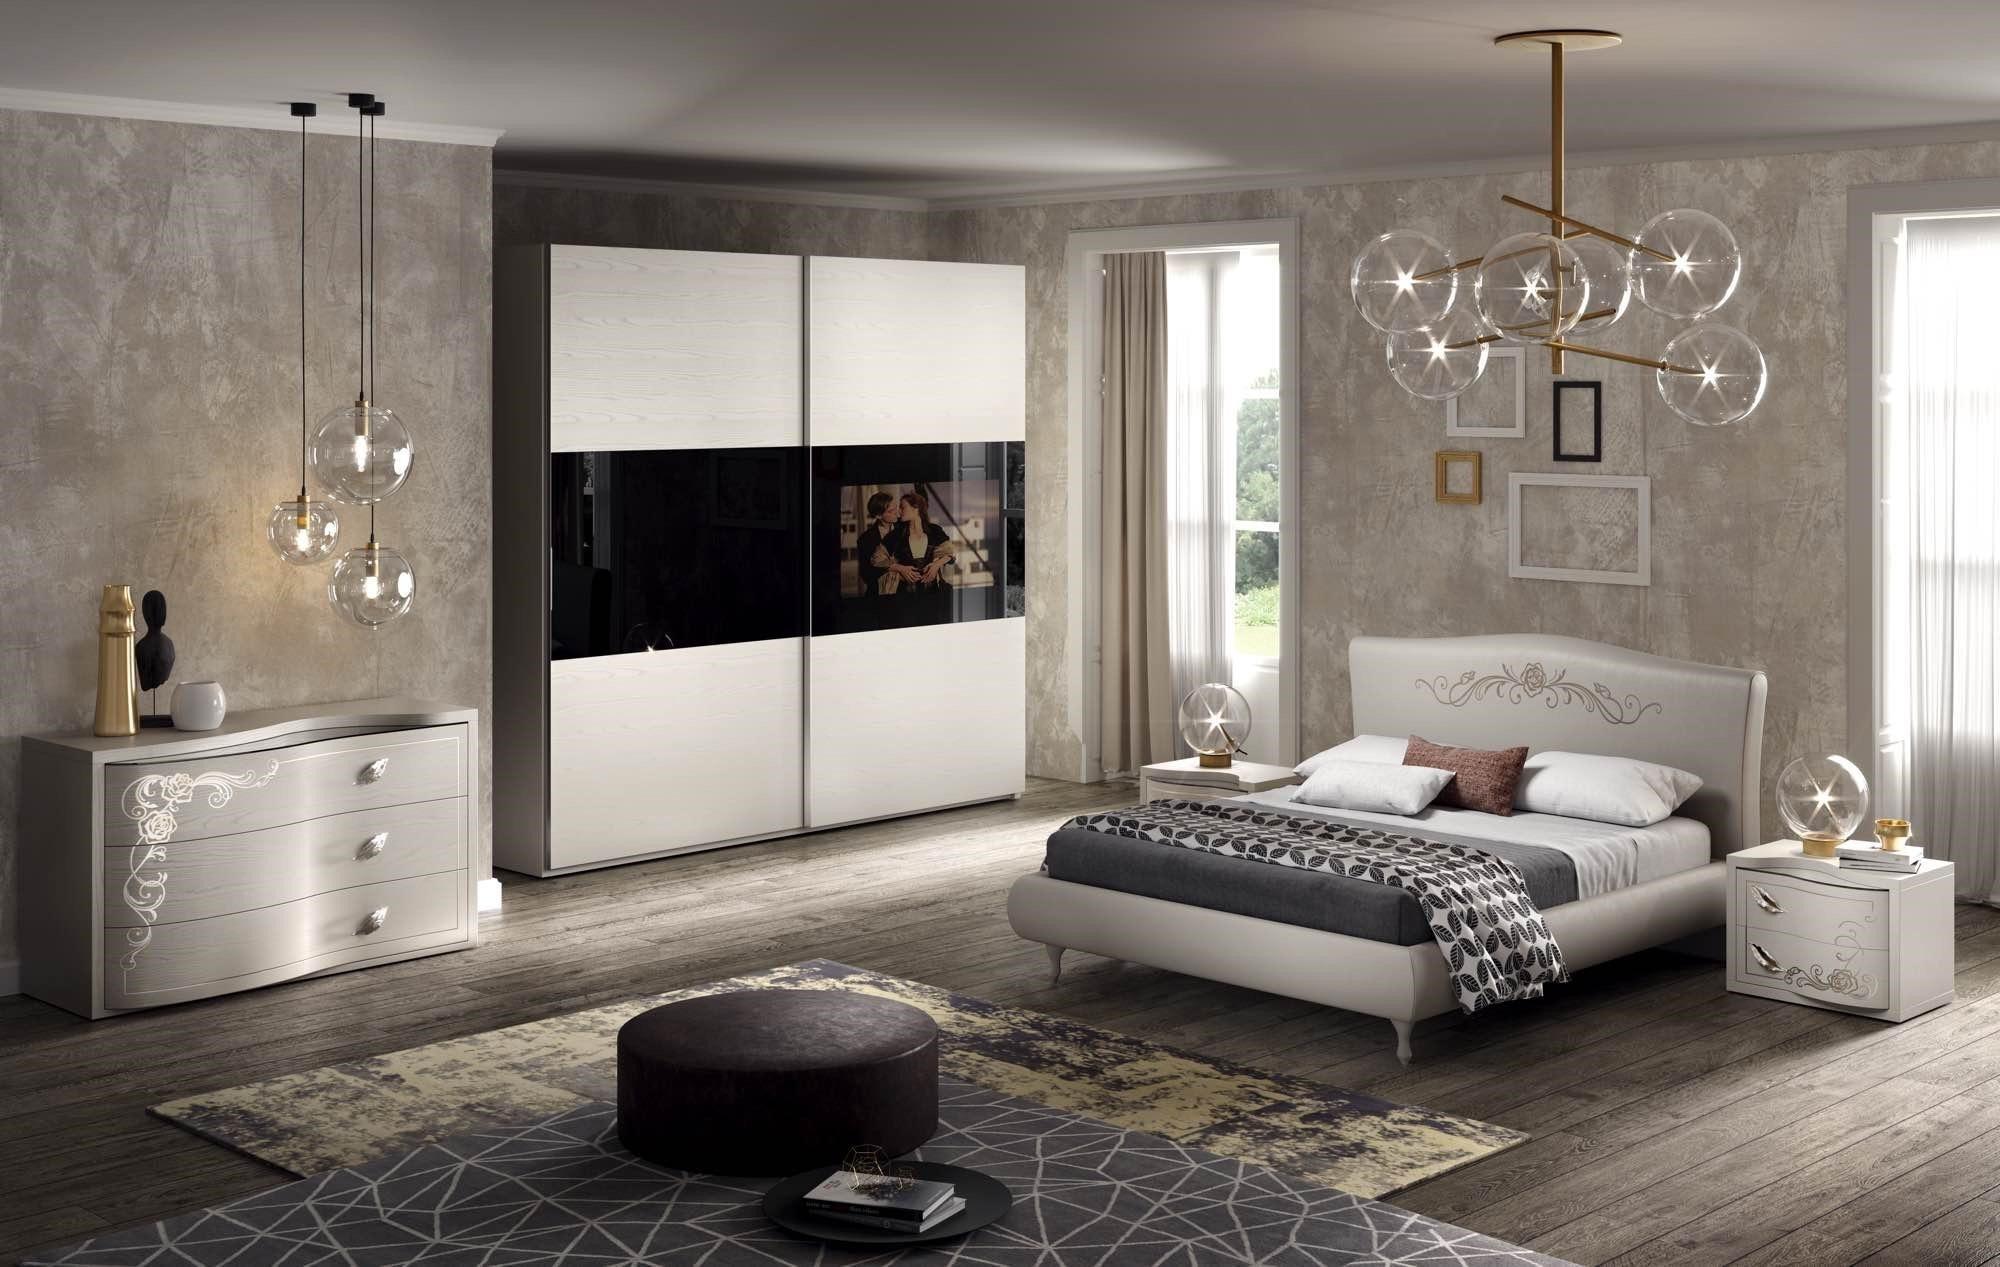 Camere Da Letto Turchese : Camera da letto turchese u design per la casa